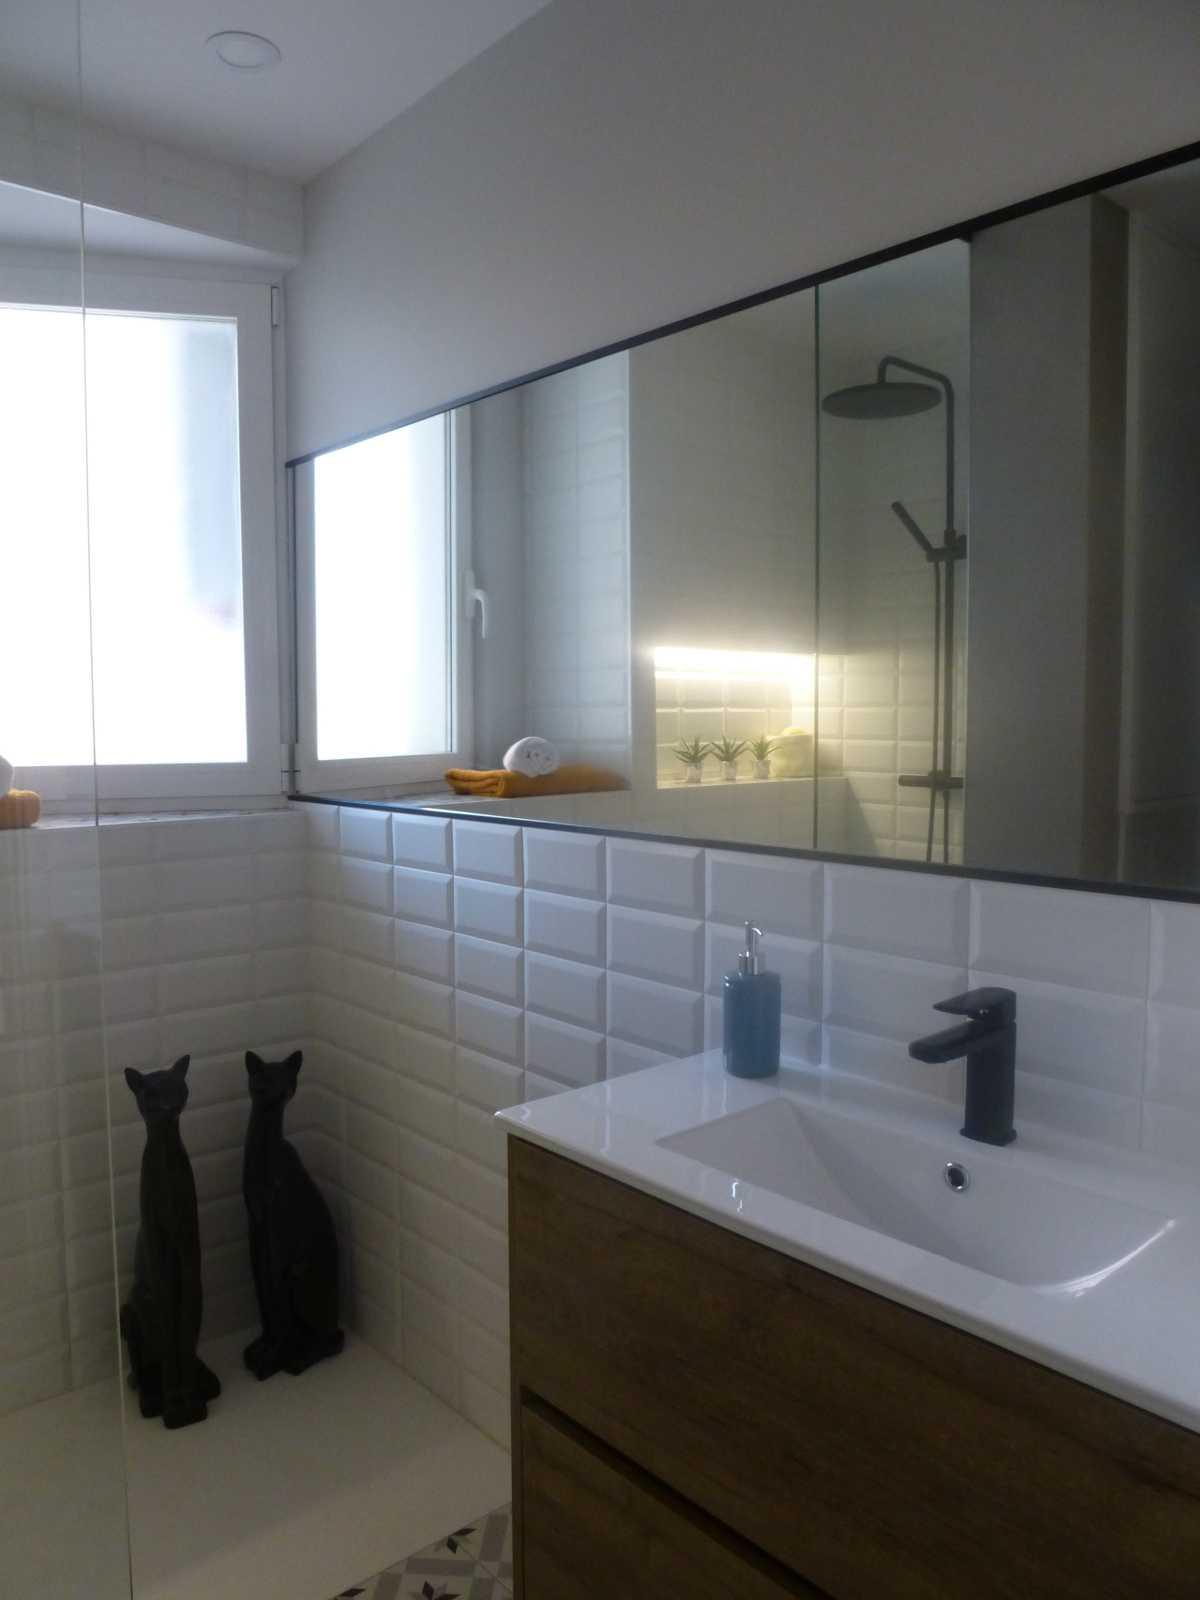 El gran espejo proporciona carácter, luminosidad y profundidad al aseo.